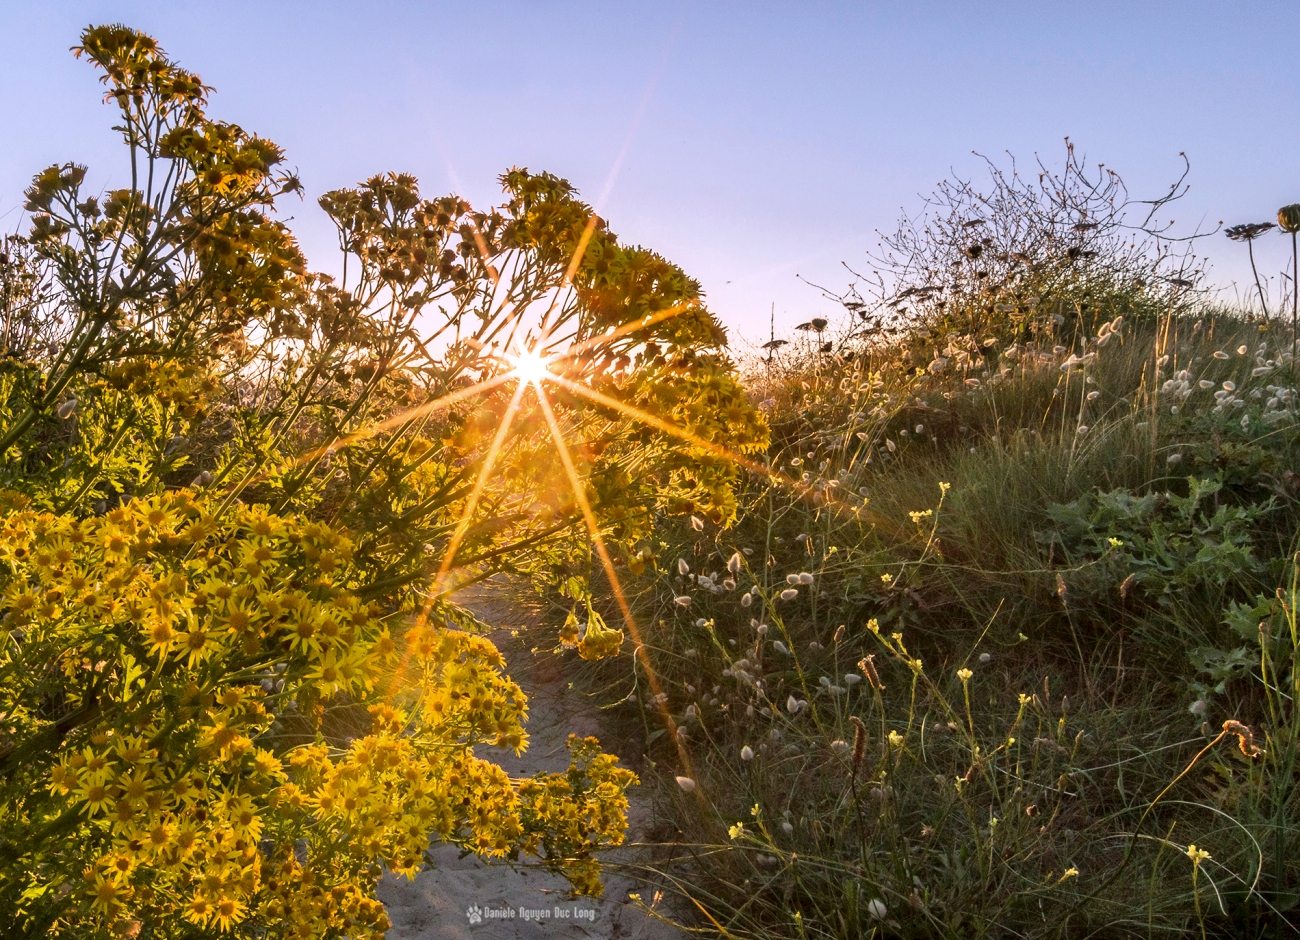 curnic-soleil-etoile-fleurs-jaunes-copie